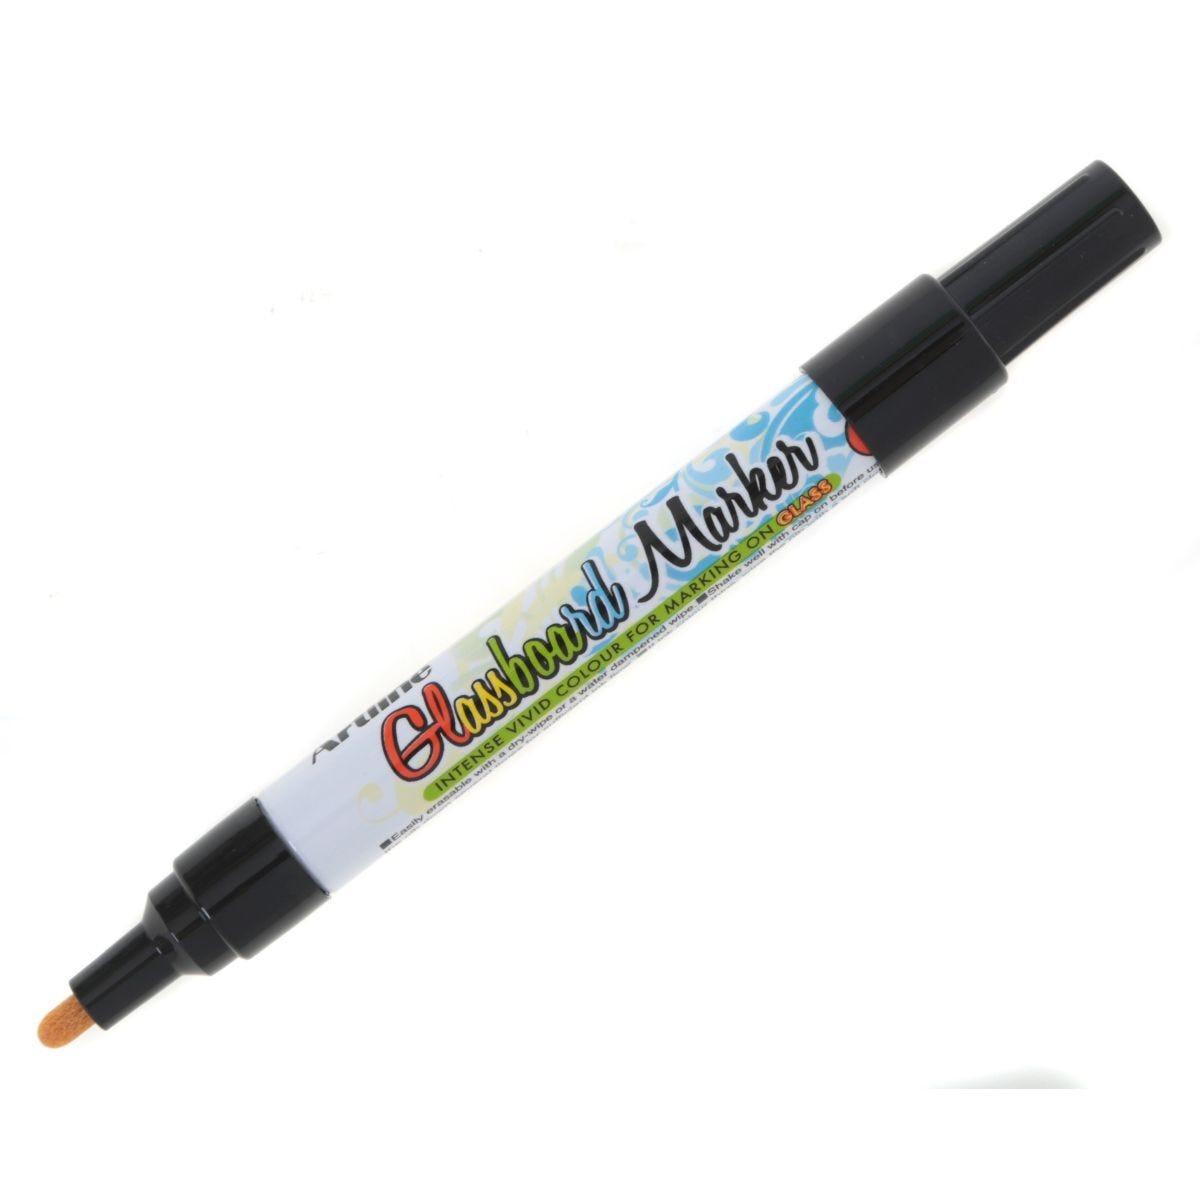 Artline Glassboard Marker Pen